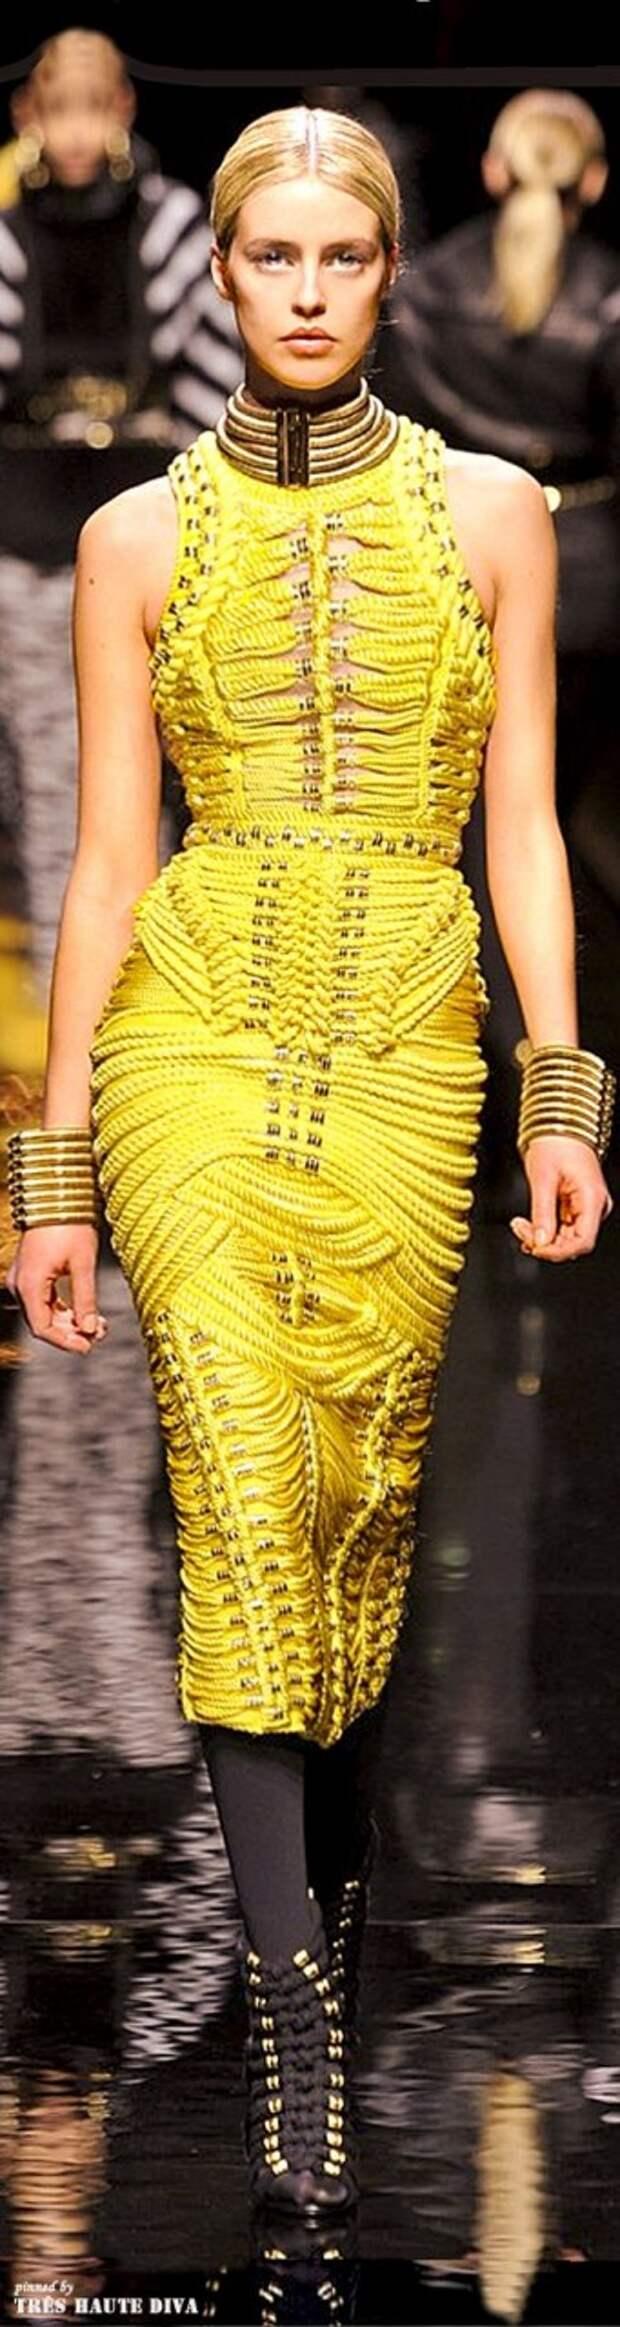 Модное макраме - очень интересные идеи!